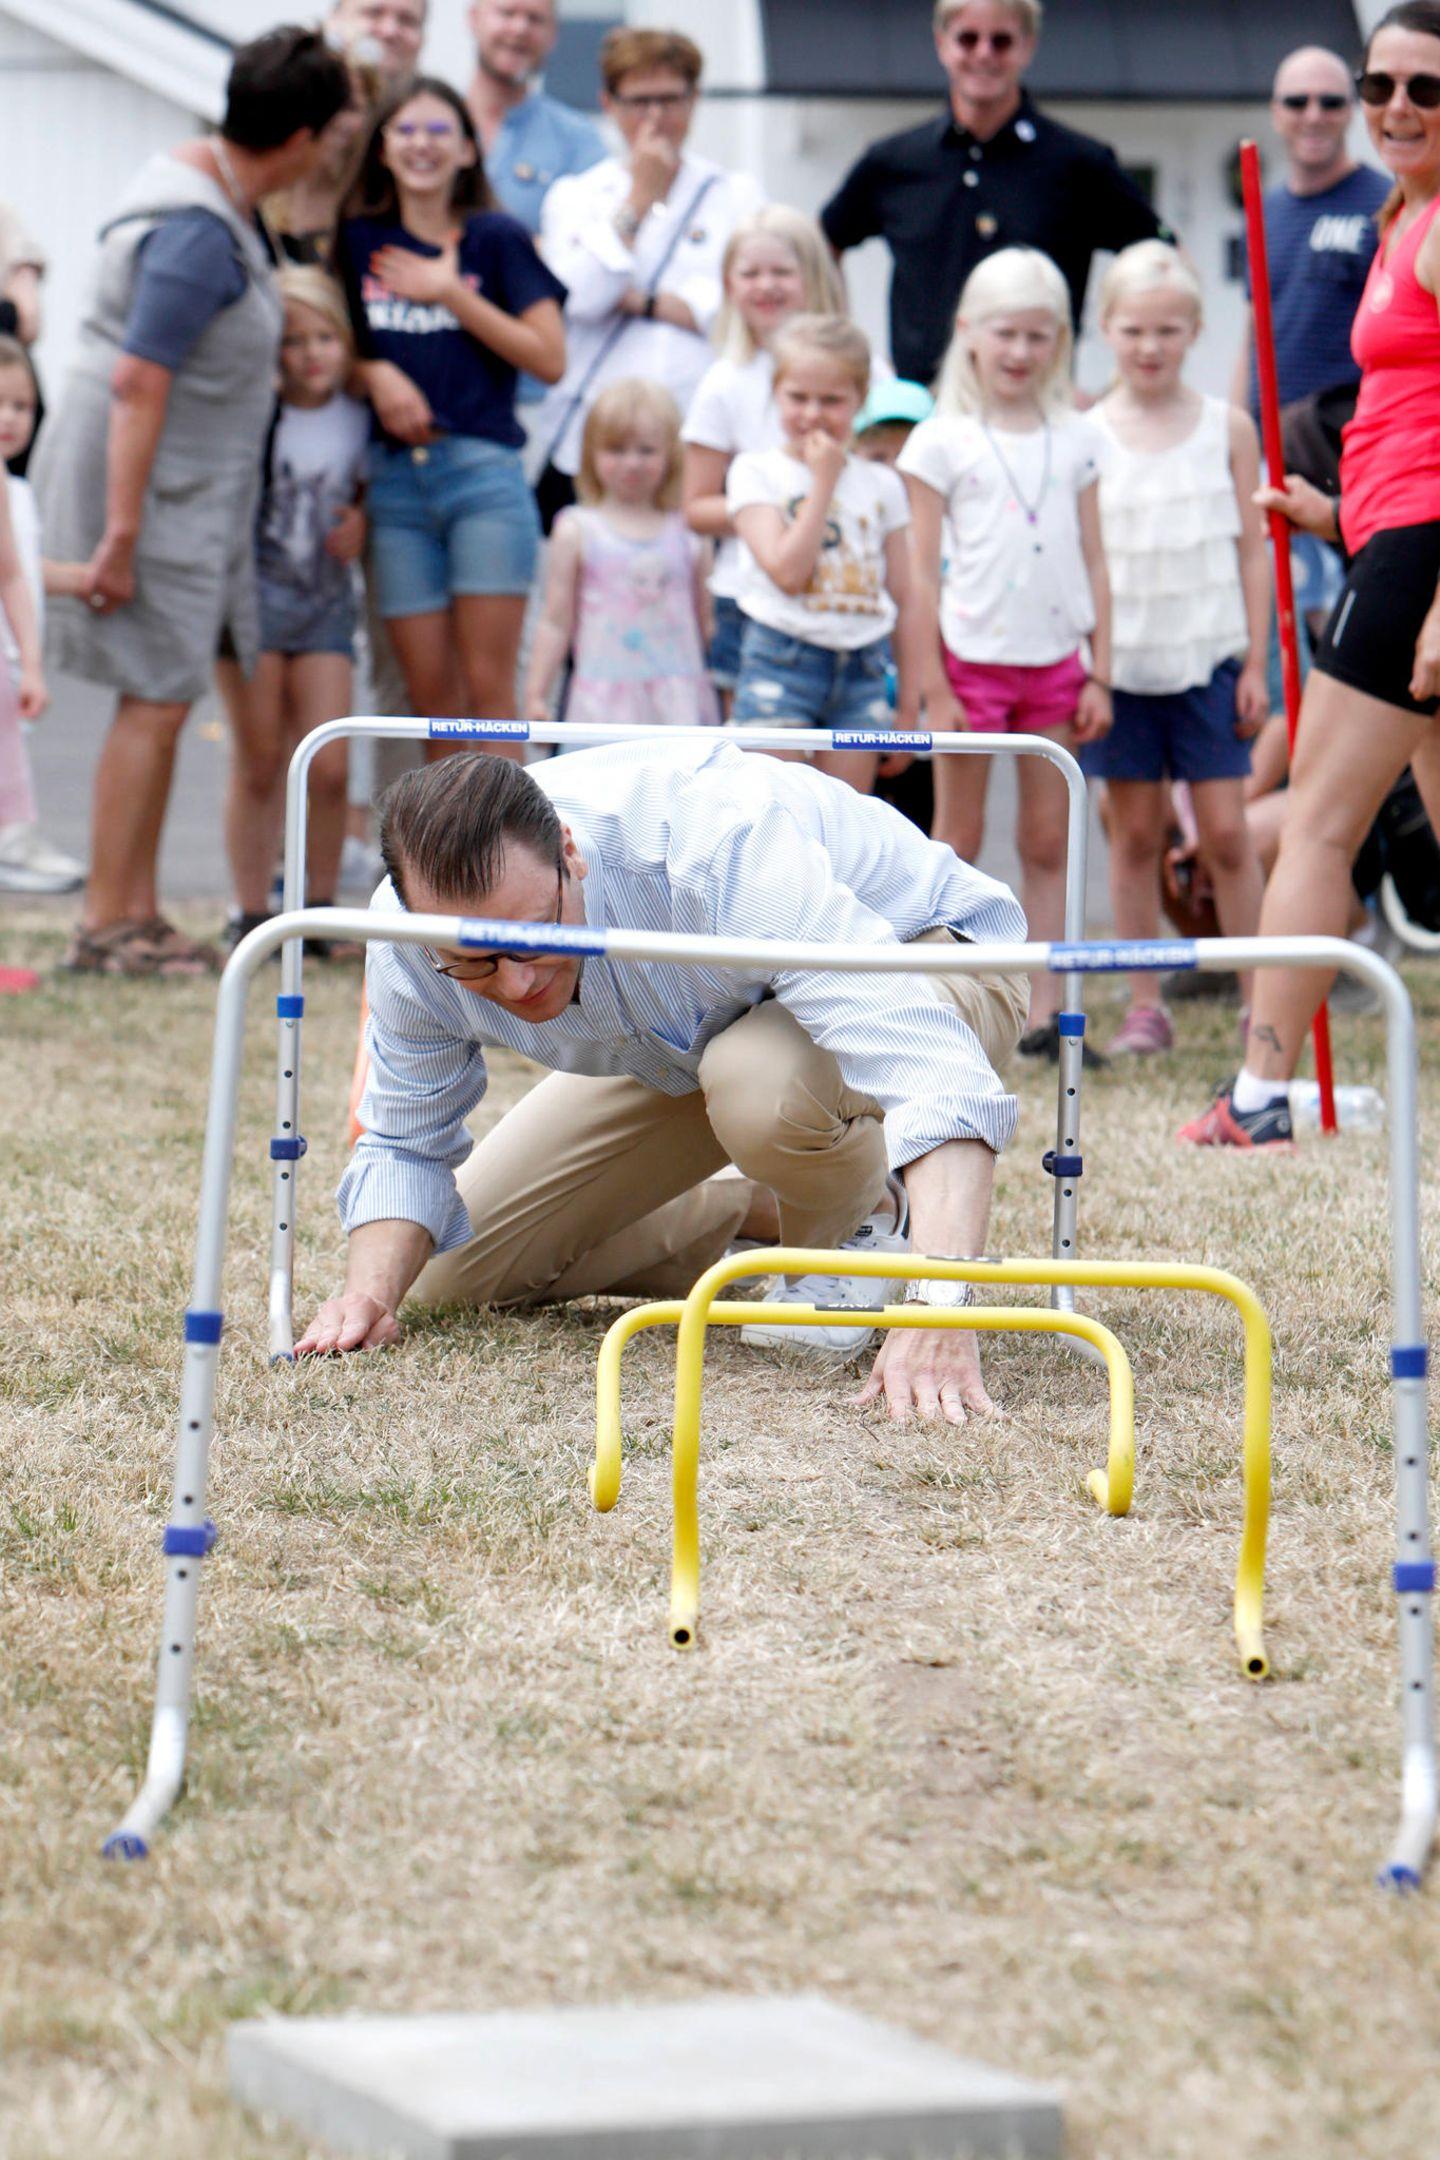 """12. Juli 2019  Prinz Daniel nimmt anlässlichder Victoriatage an dem Event """"Move for fun"""" teil und macht tatsächlich jeden Spaß mit. Ob es nun darum geht, unter Hürden durchzukriechen, ..."""